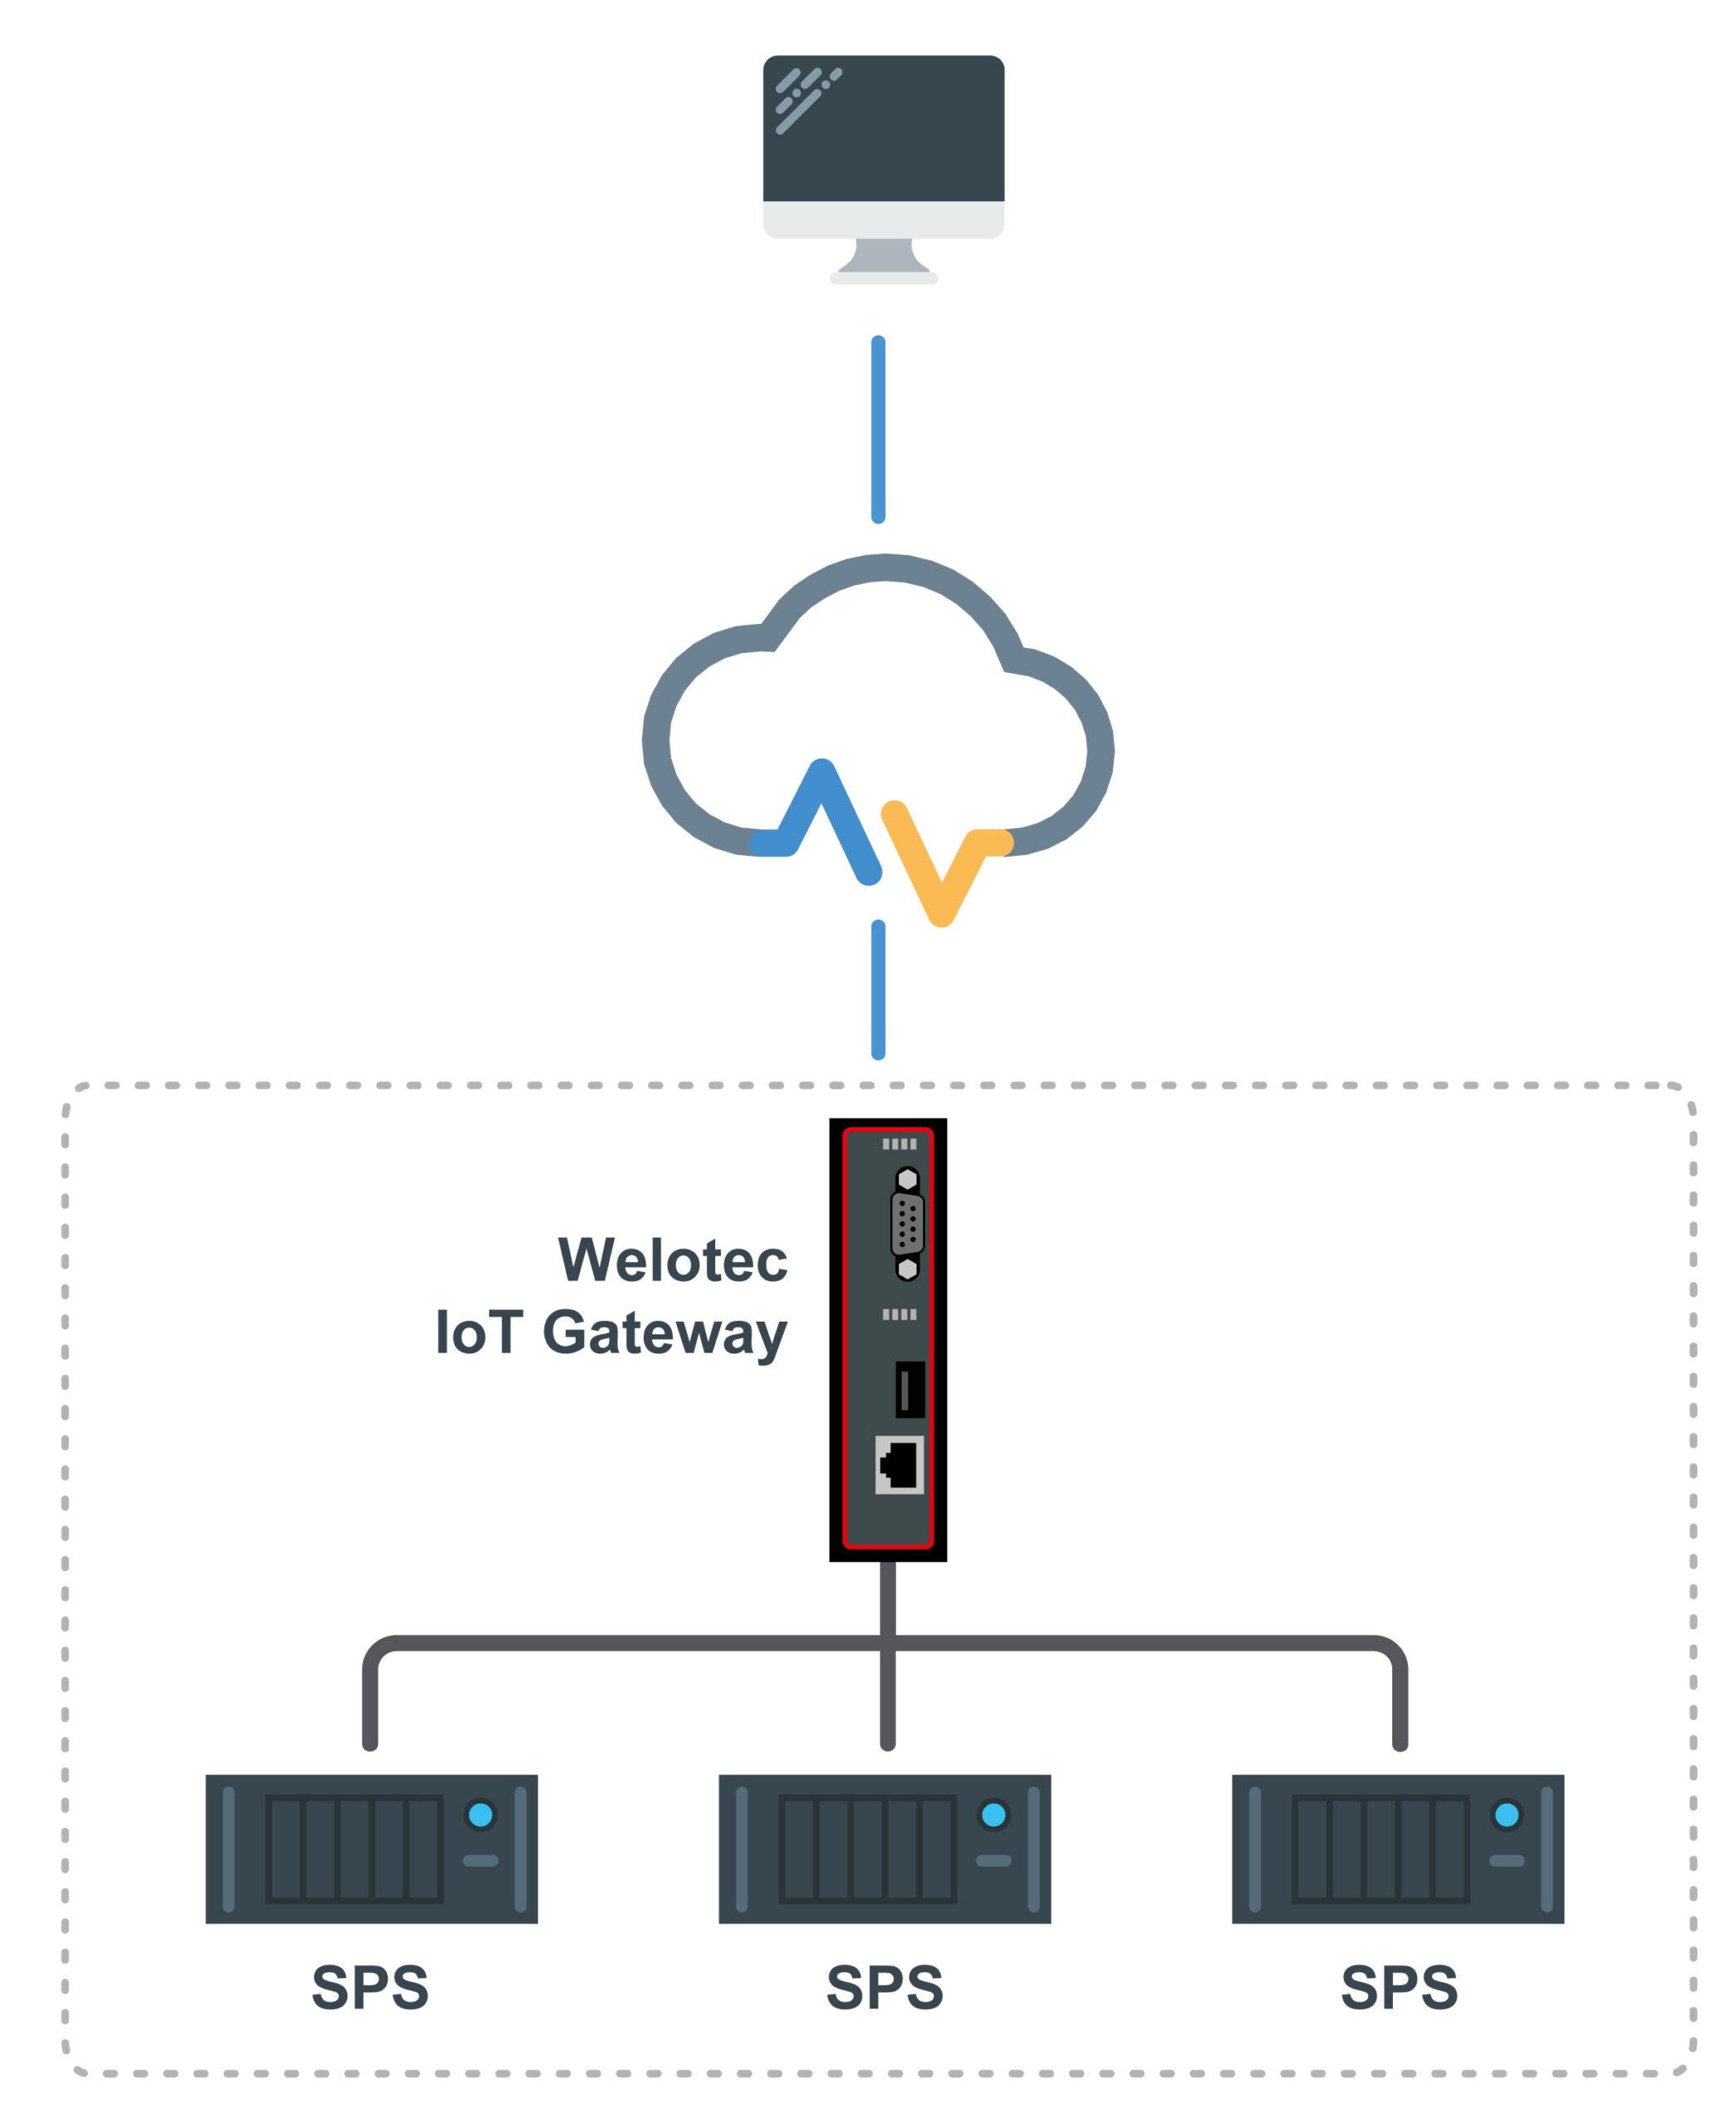 Mit dem IIoT-Gateway können sehr einfach Daten von Wechselrichtern einer PV-Anlage in die Cloud gebracht werden. Bild: Welotec